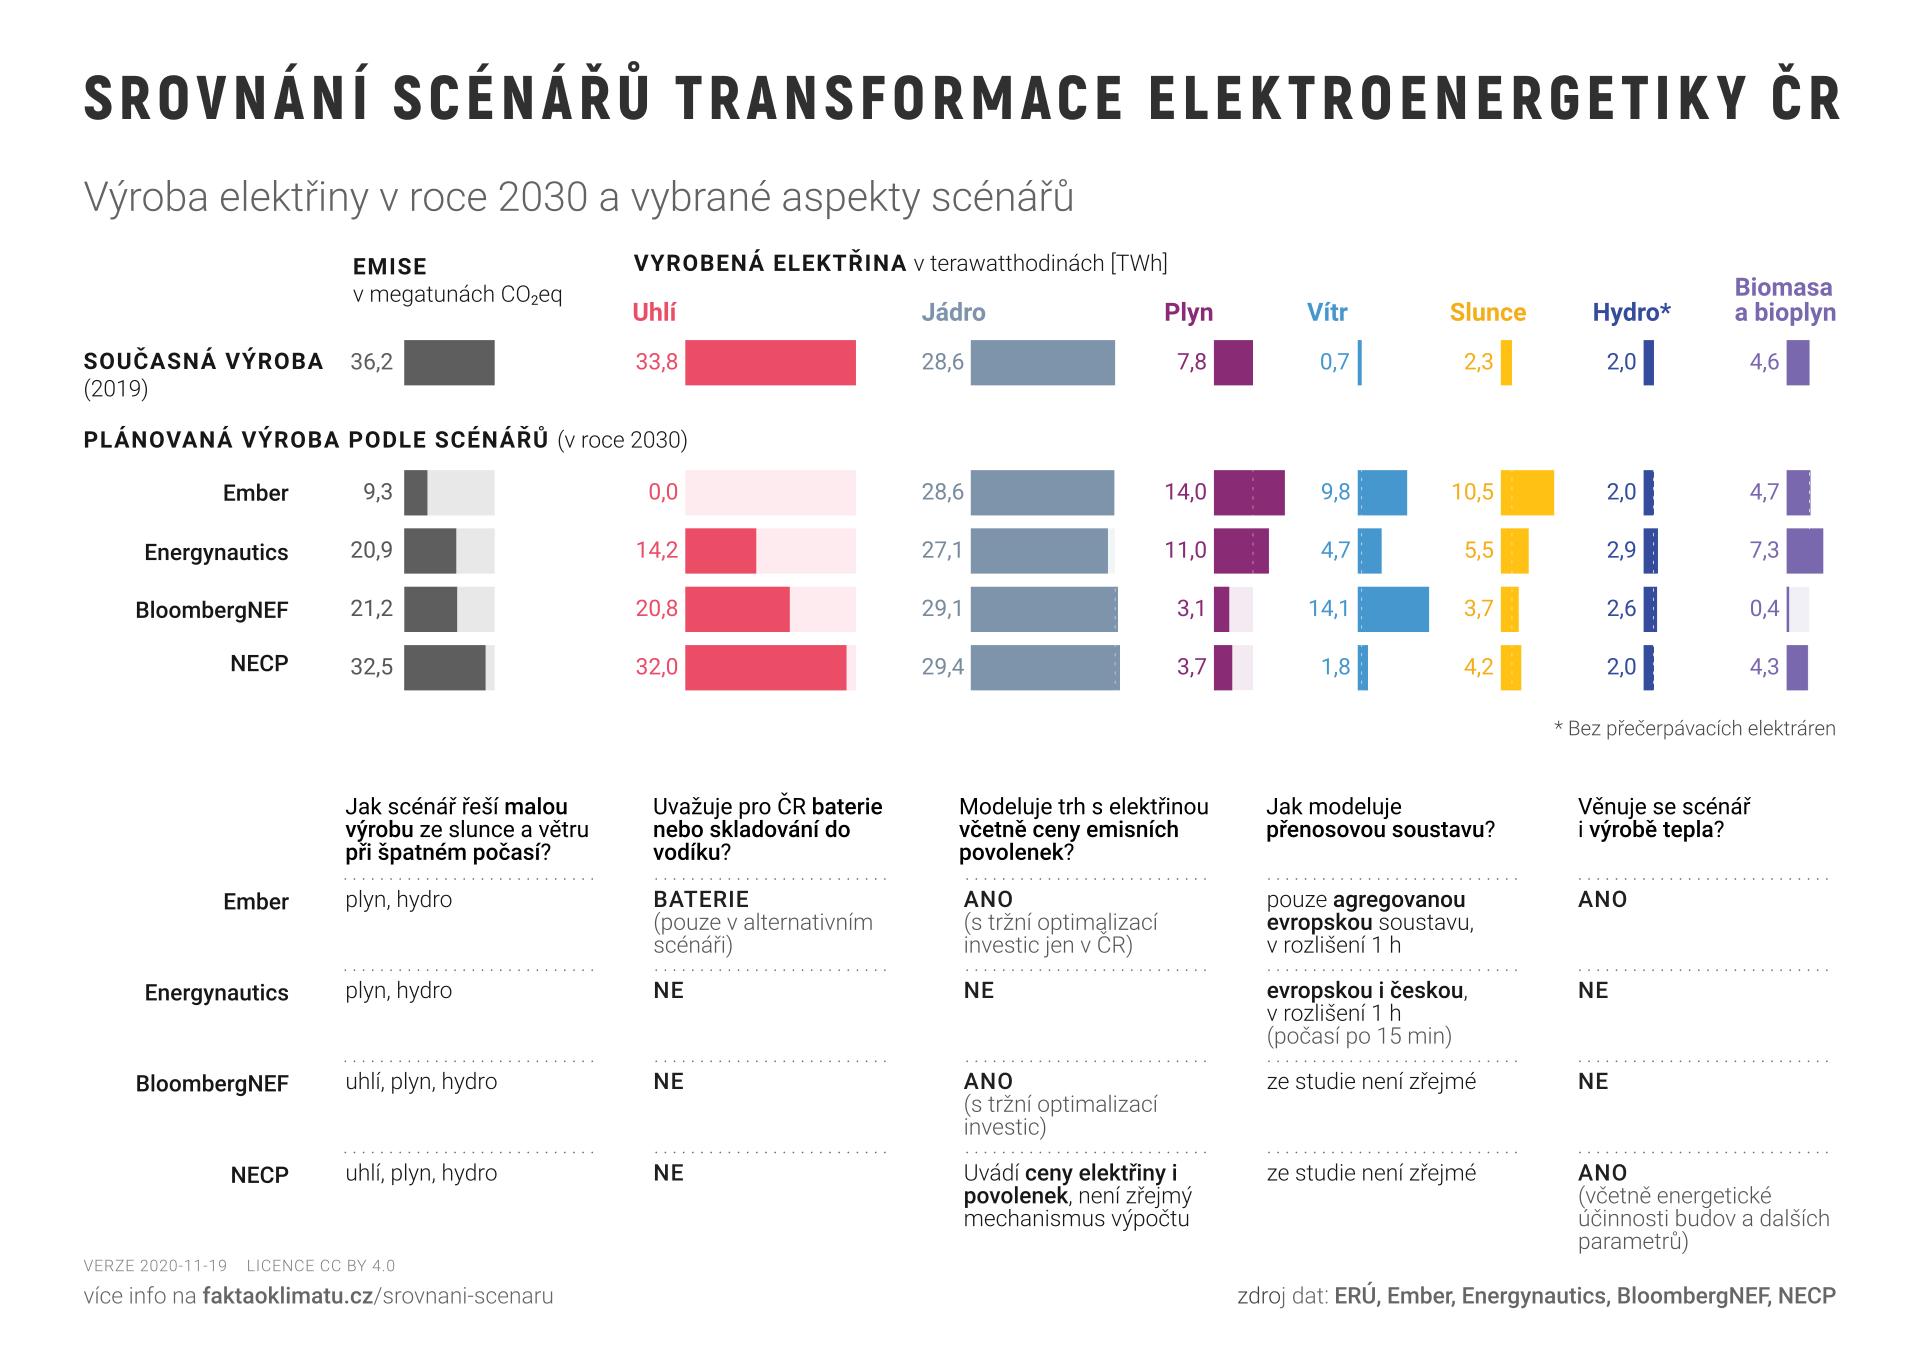 Graf č. 5 – porovnání scénářů transformace české energetiky. Převzato z webu projektu Fakta o klimatu, kde lze nalézt také zdrojová data a poznámky k použité metodice.